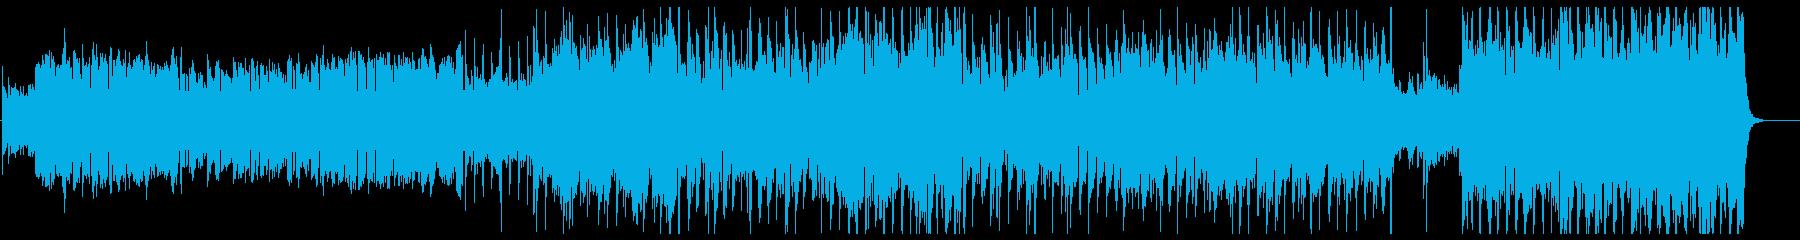 ケルト風の軽快なダンス曲の再生済みの波形